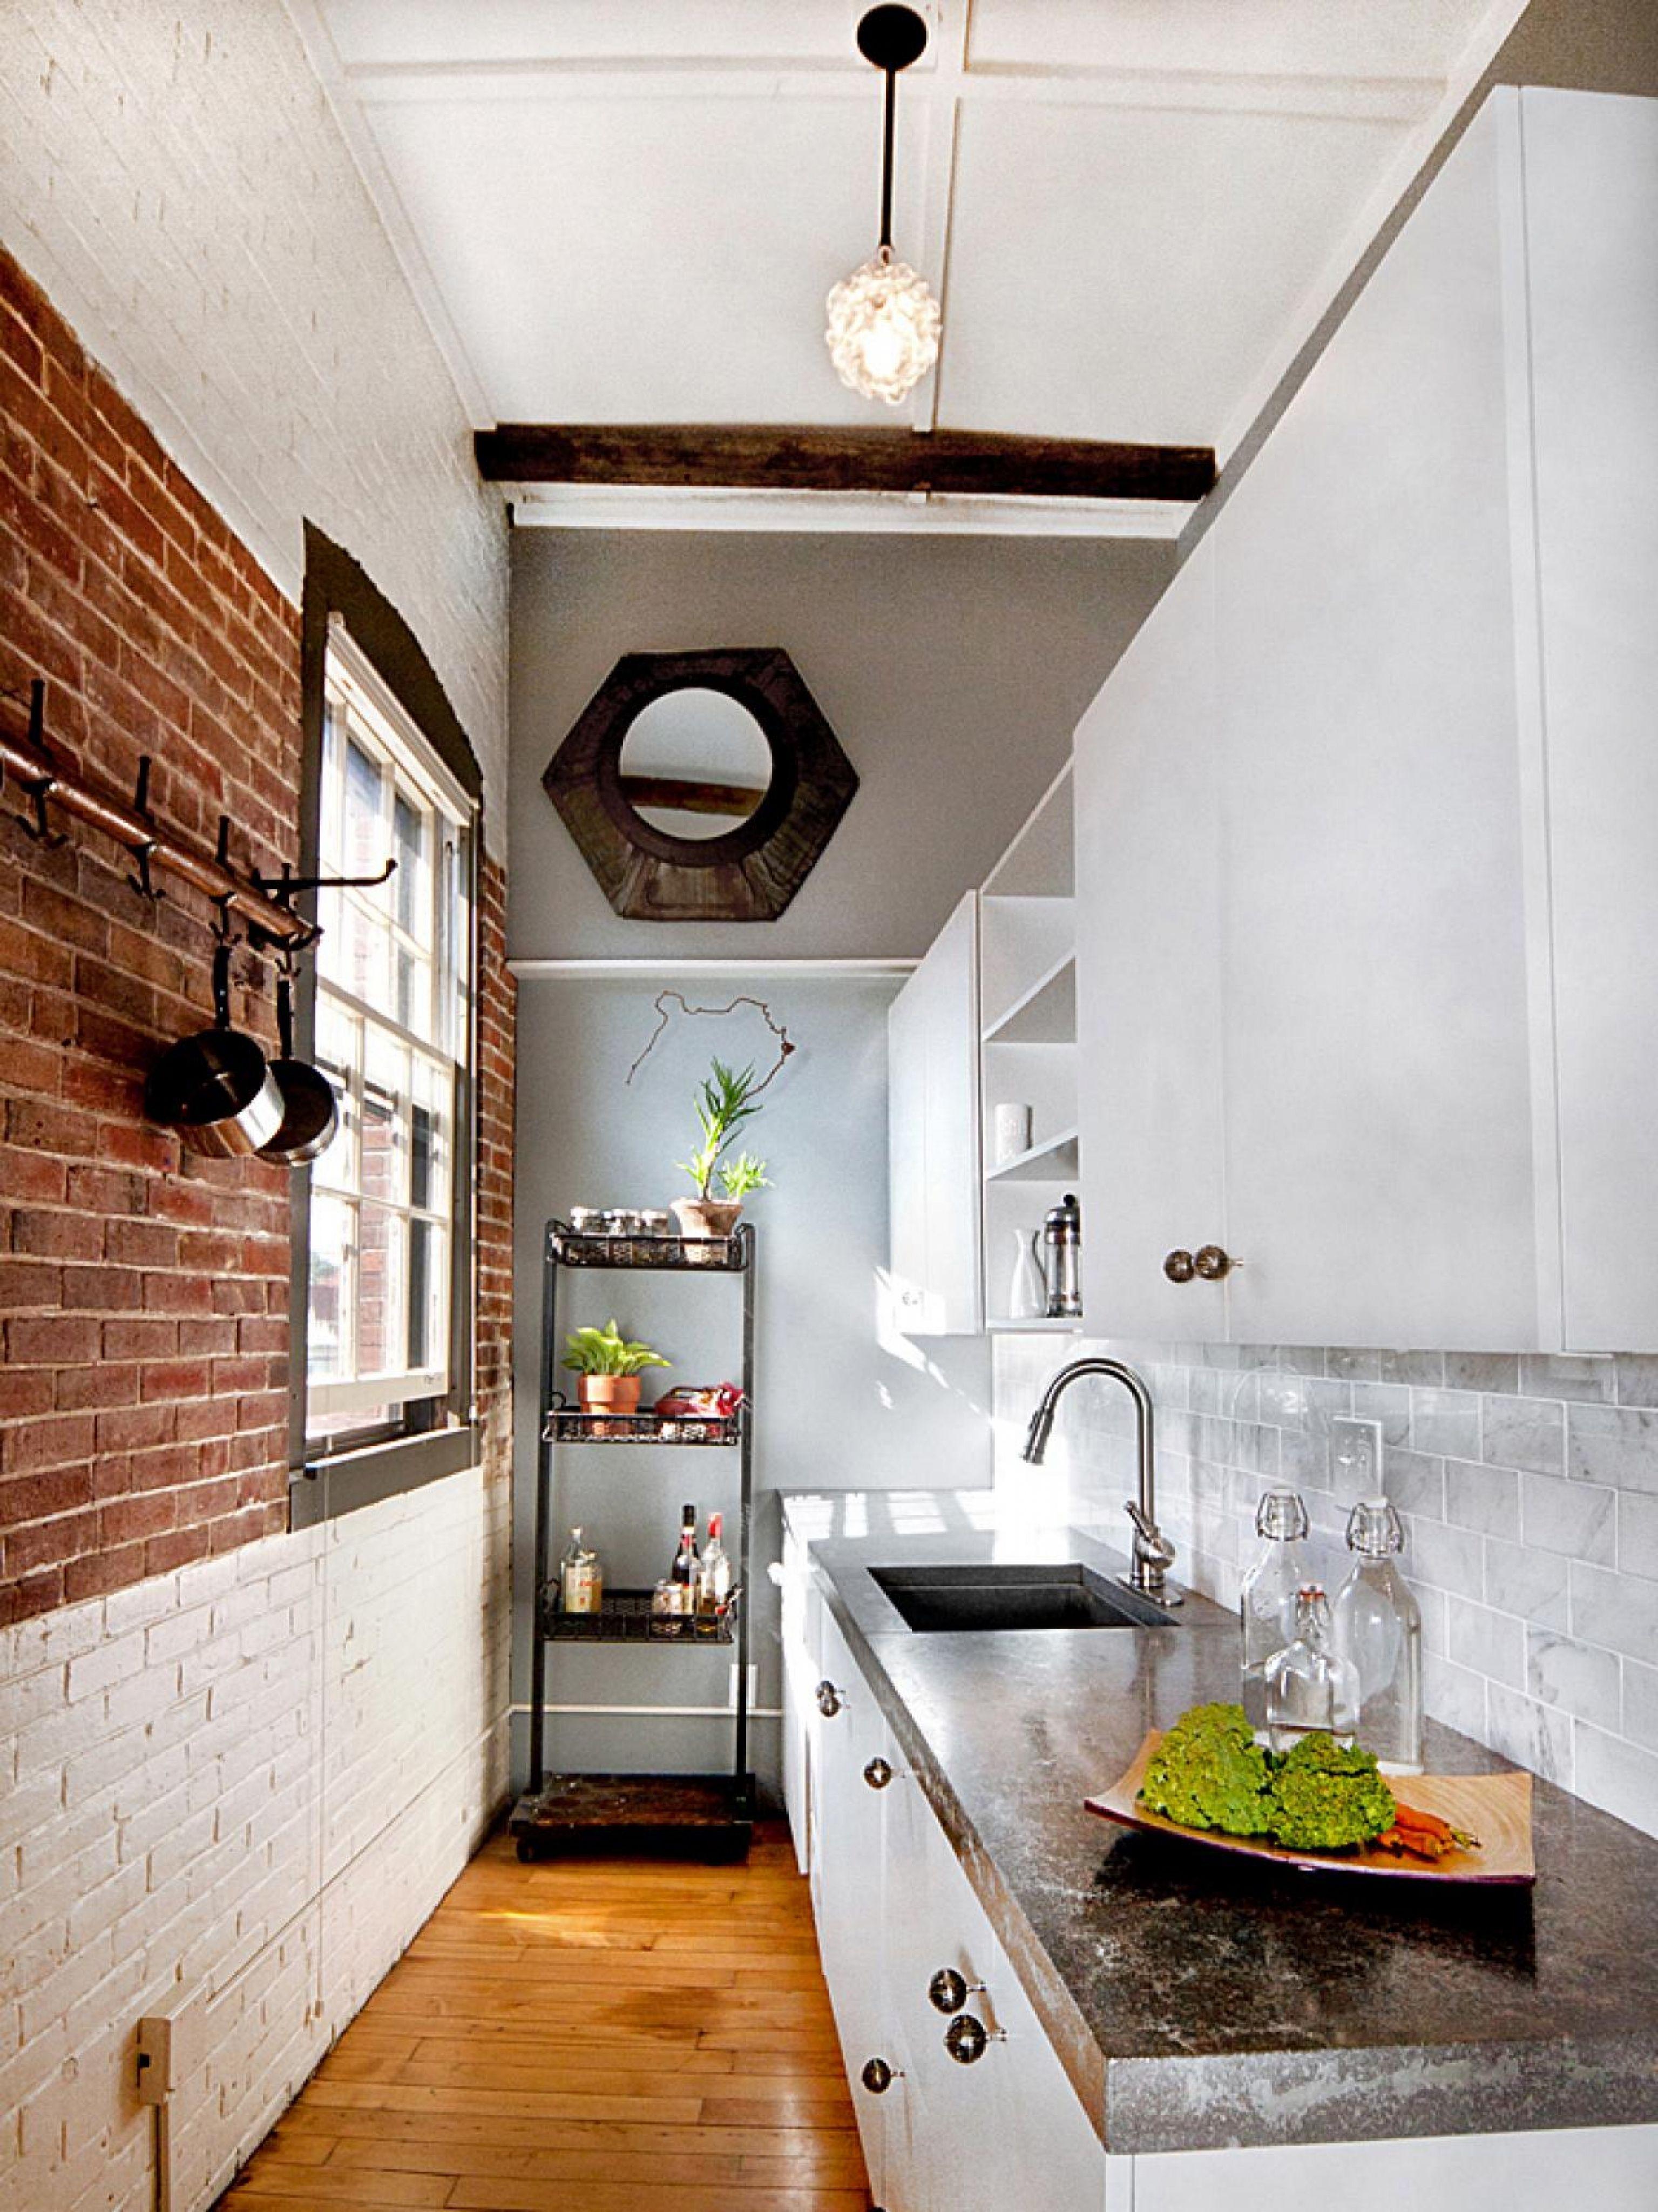 pin by neby on modern home interior ideas kitchen design kitchen rh pinterest co uk Orange Tile Kitchen Interior Ideas New Model Kitchen